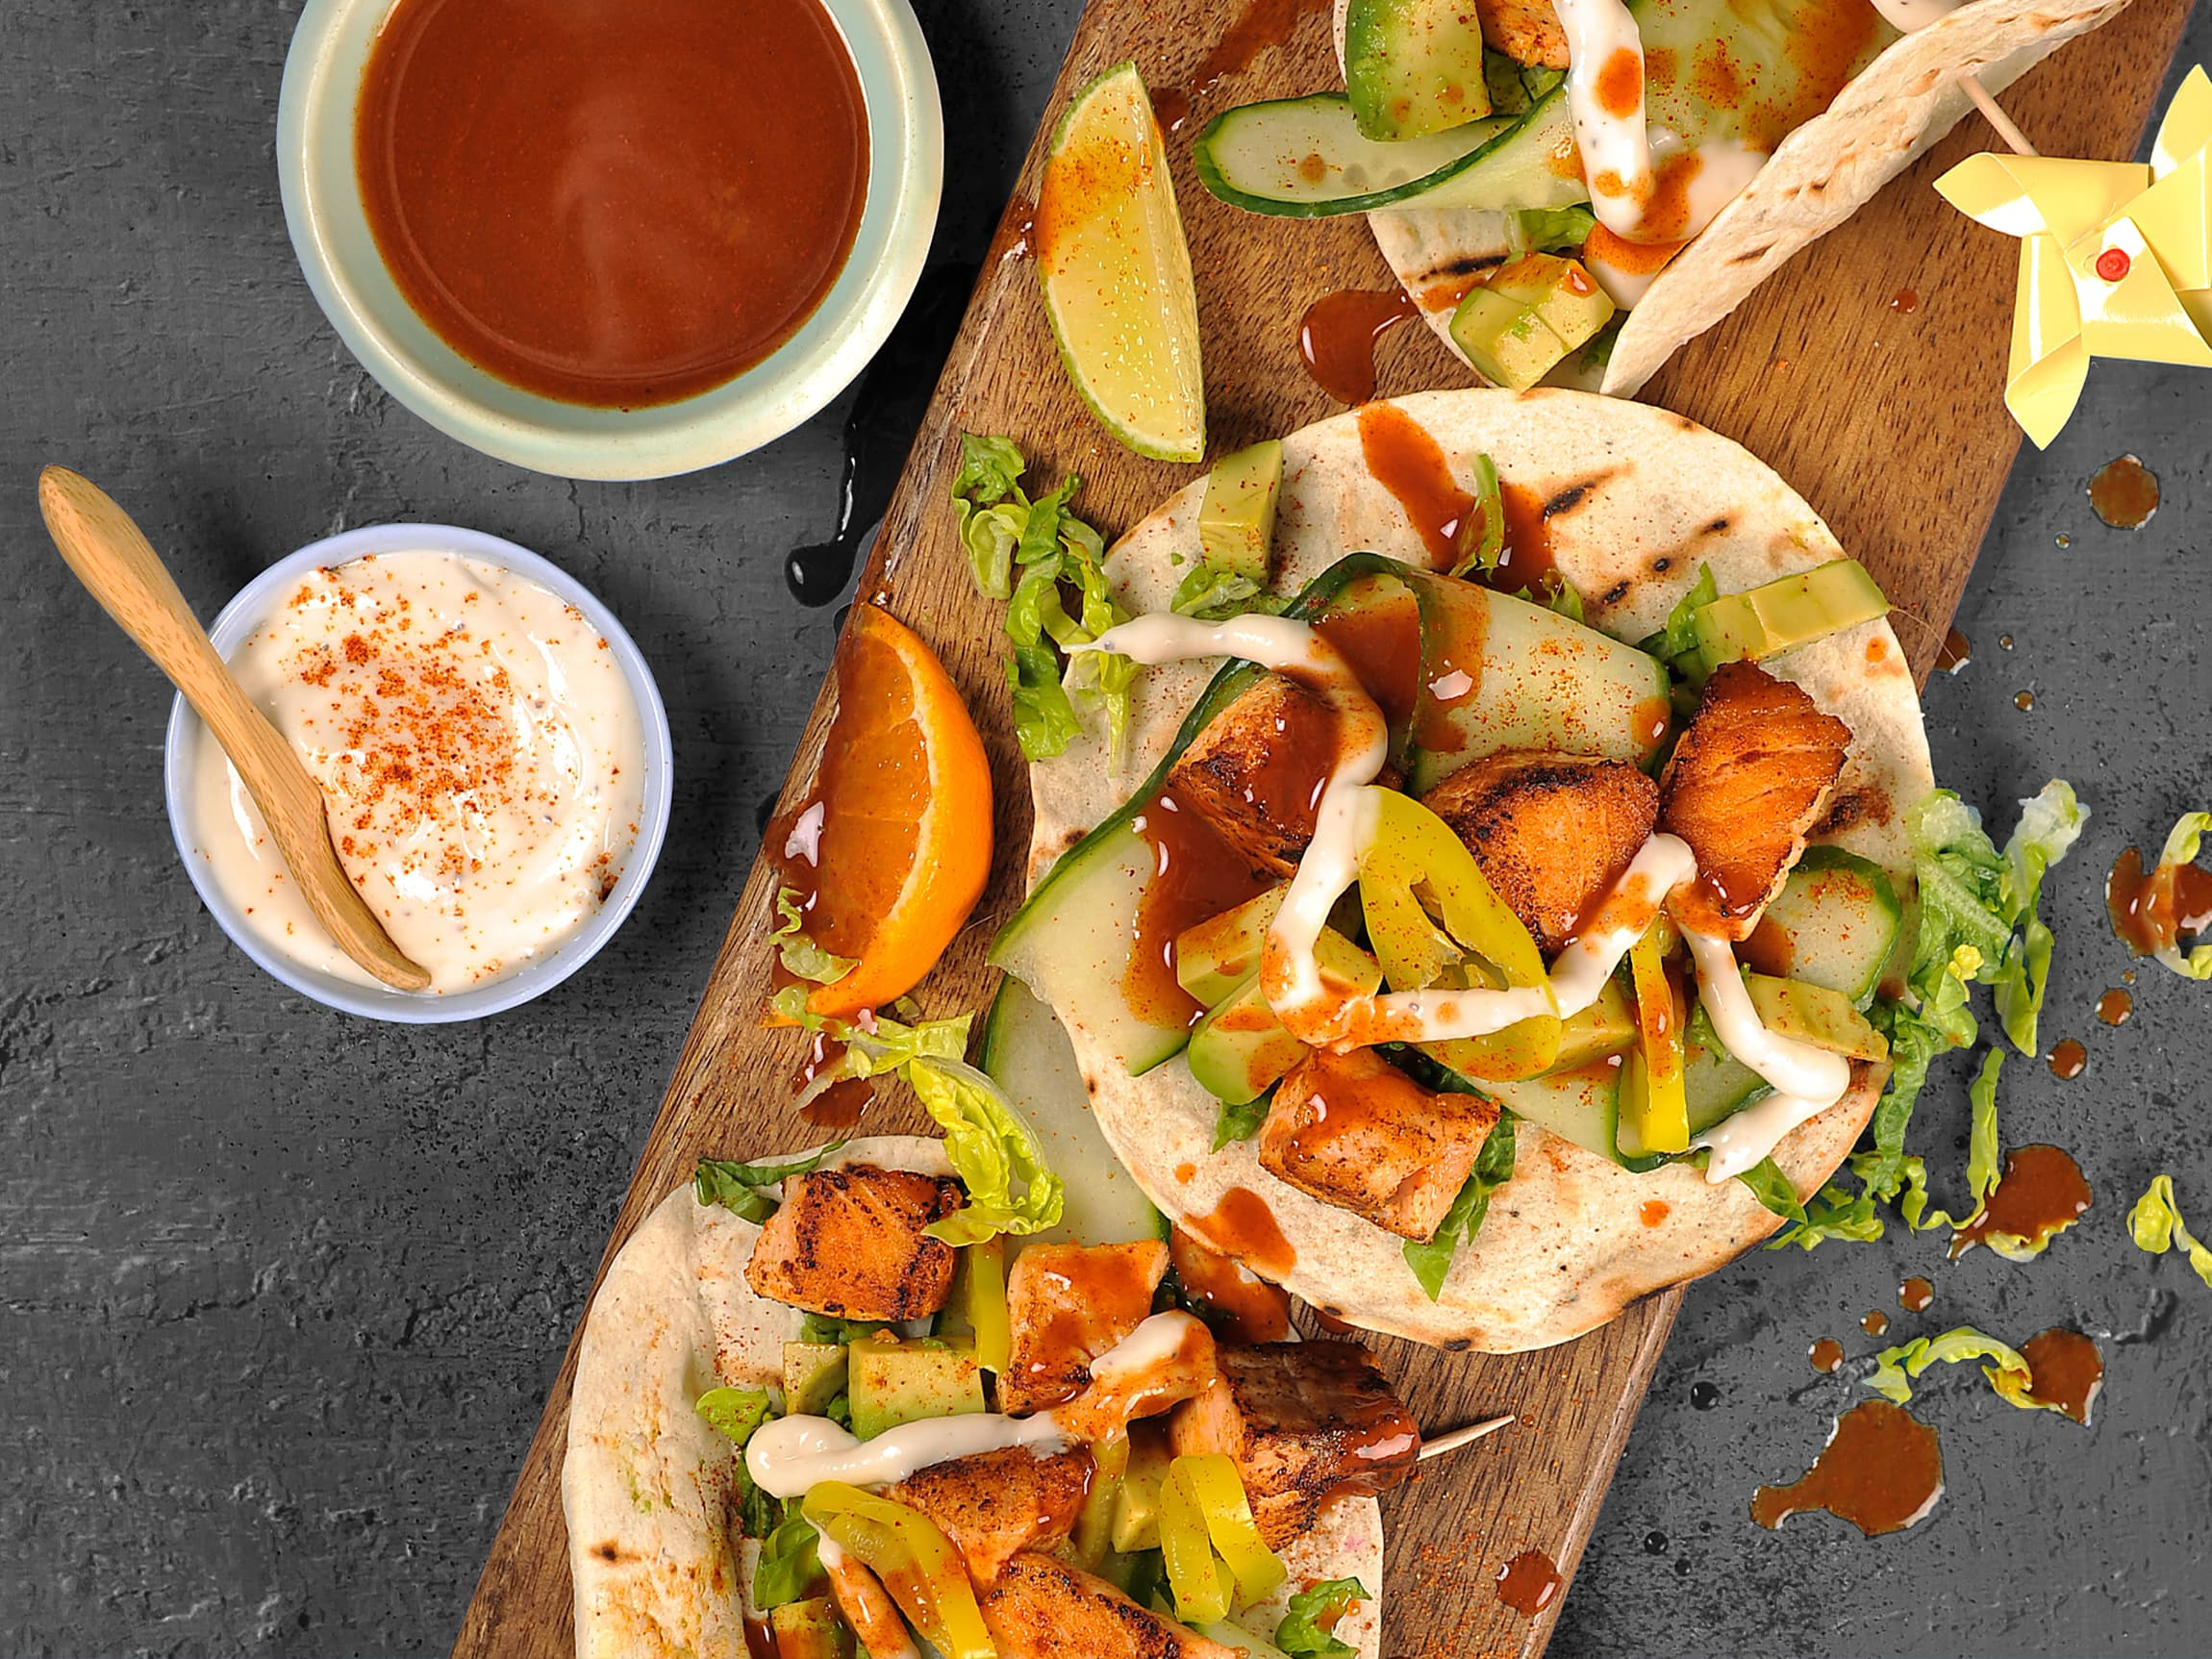 I taco kan man bruke nesten hva som helst! Prøv f.eks laks i tacoen - kjempegodt og saftig!